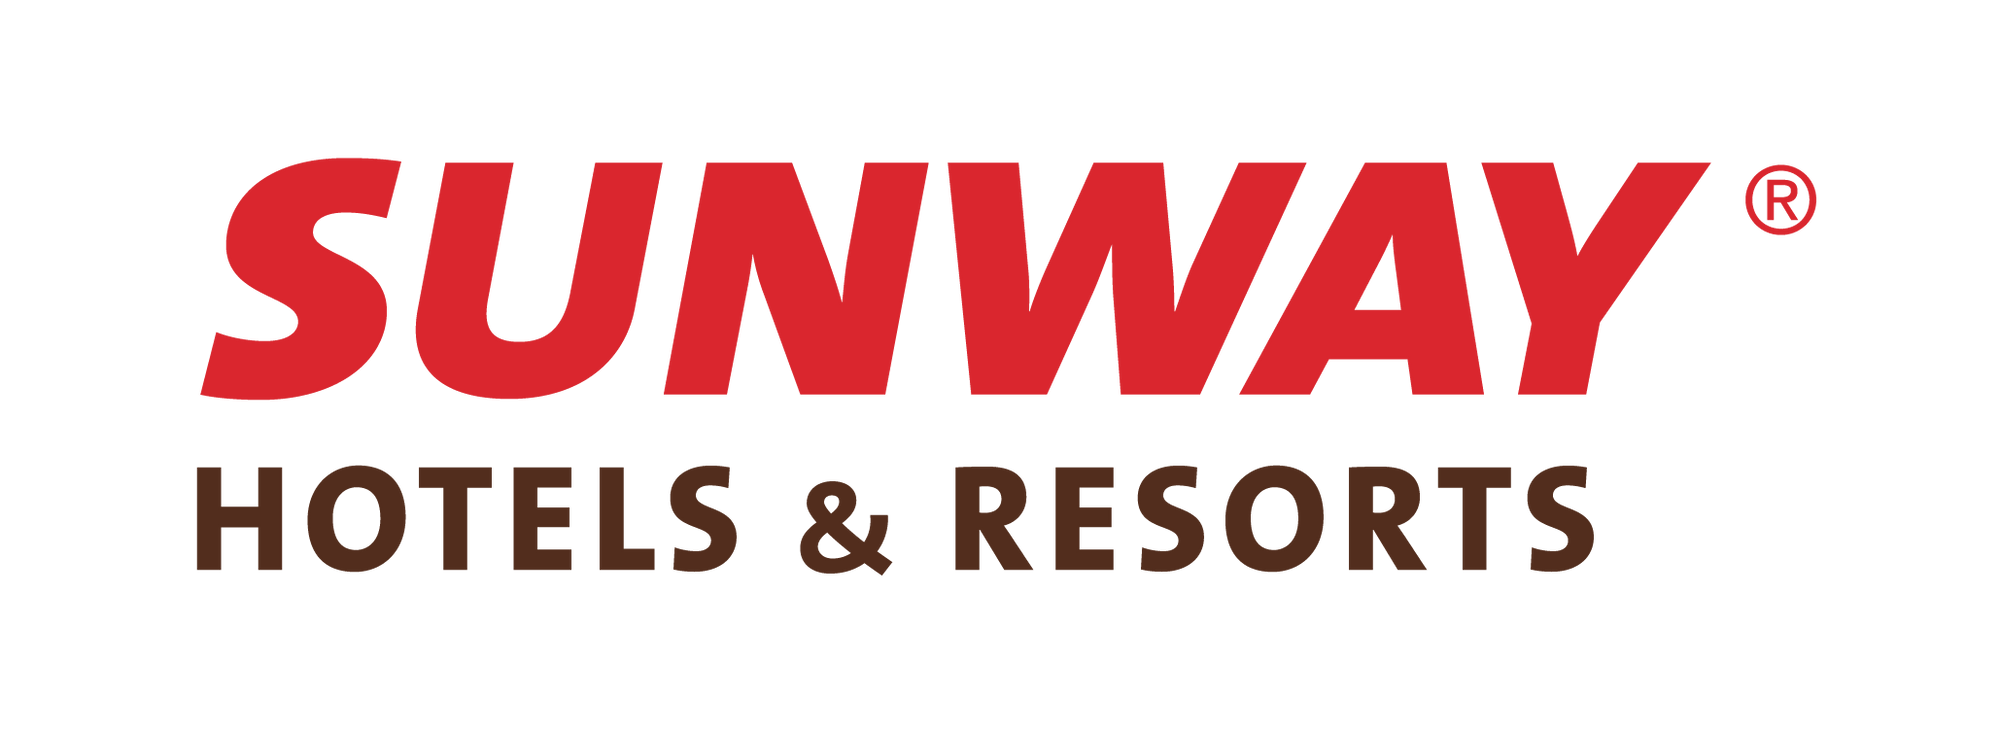 Sunway Hotels & Resorts